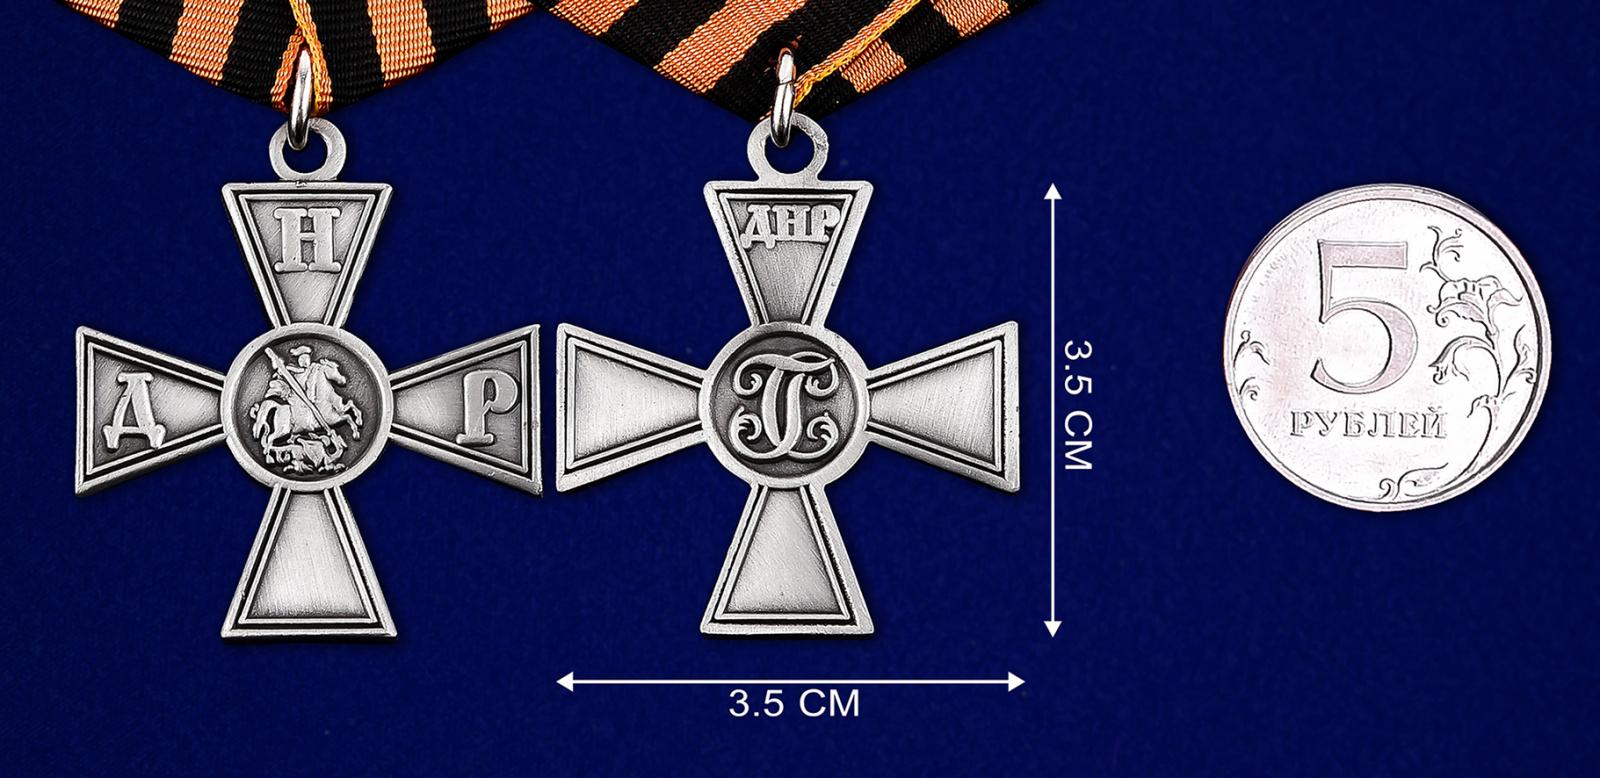 Георгиевский крест ДНР - сравнительный размер